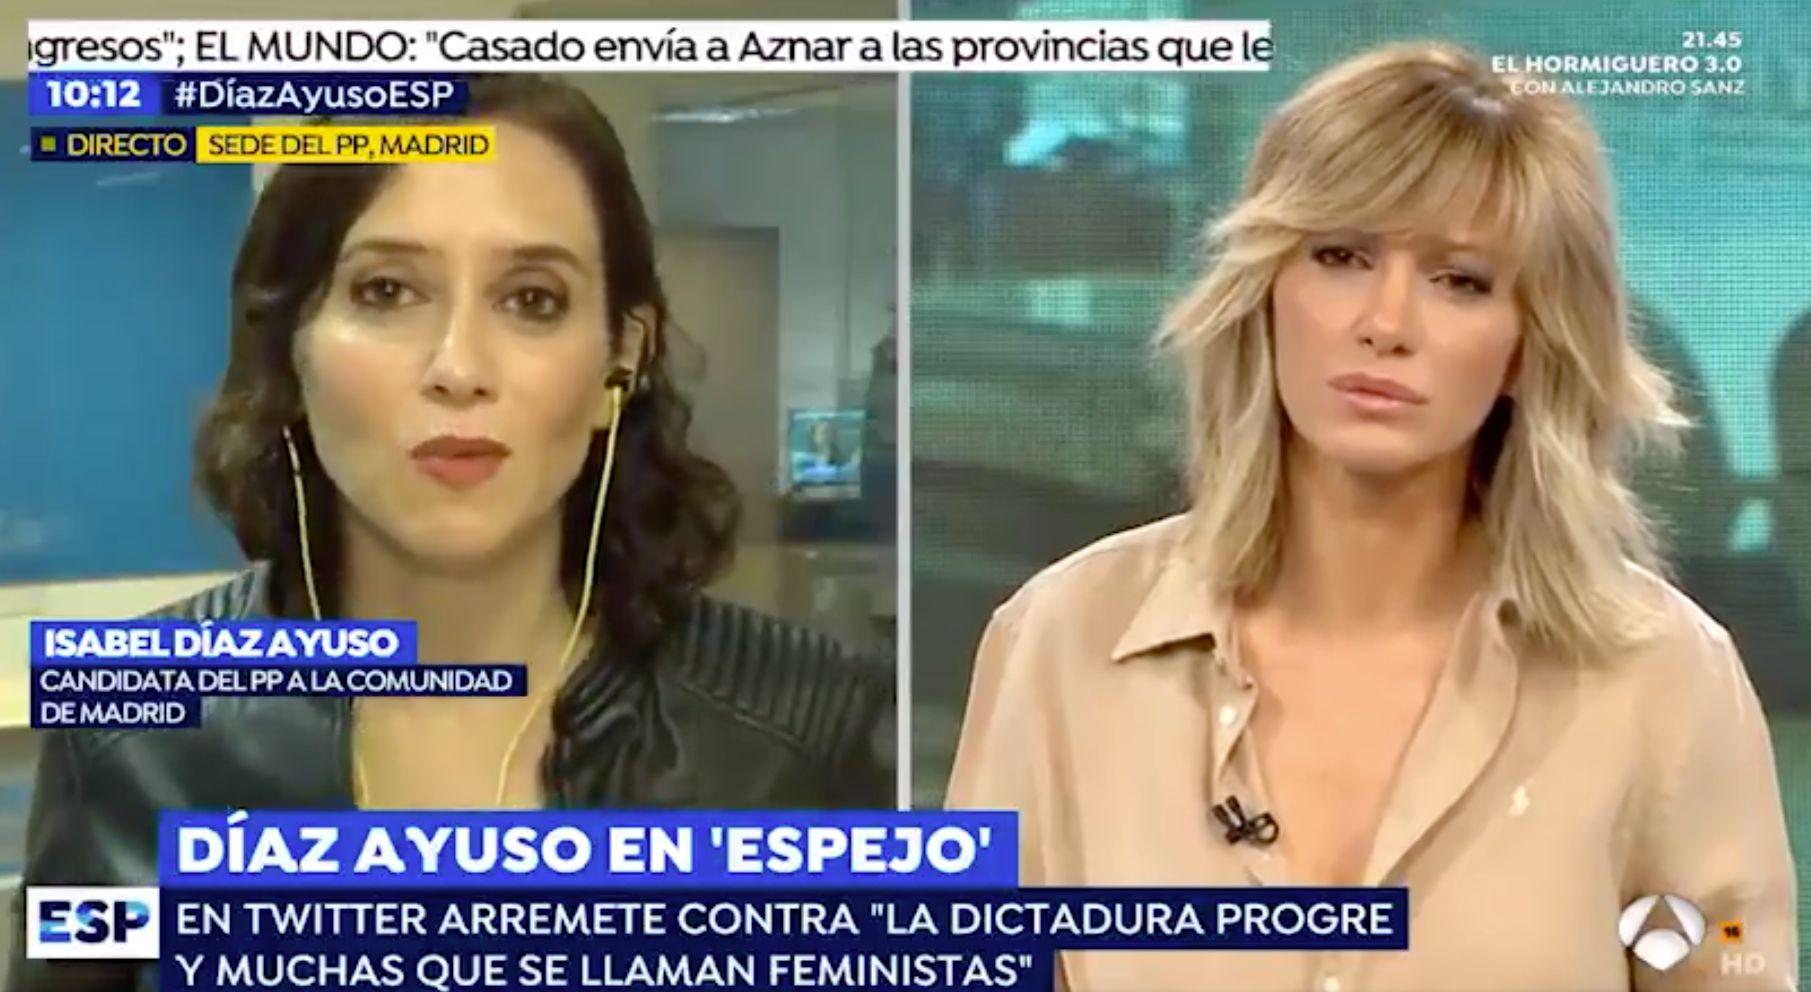 Críticas a Díaz Ayuso (PP) por la pregunta que hizo en 'Espejo